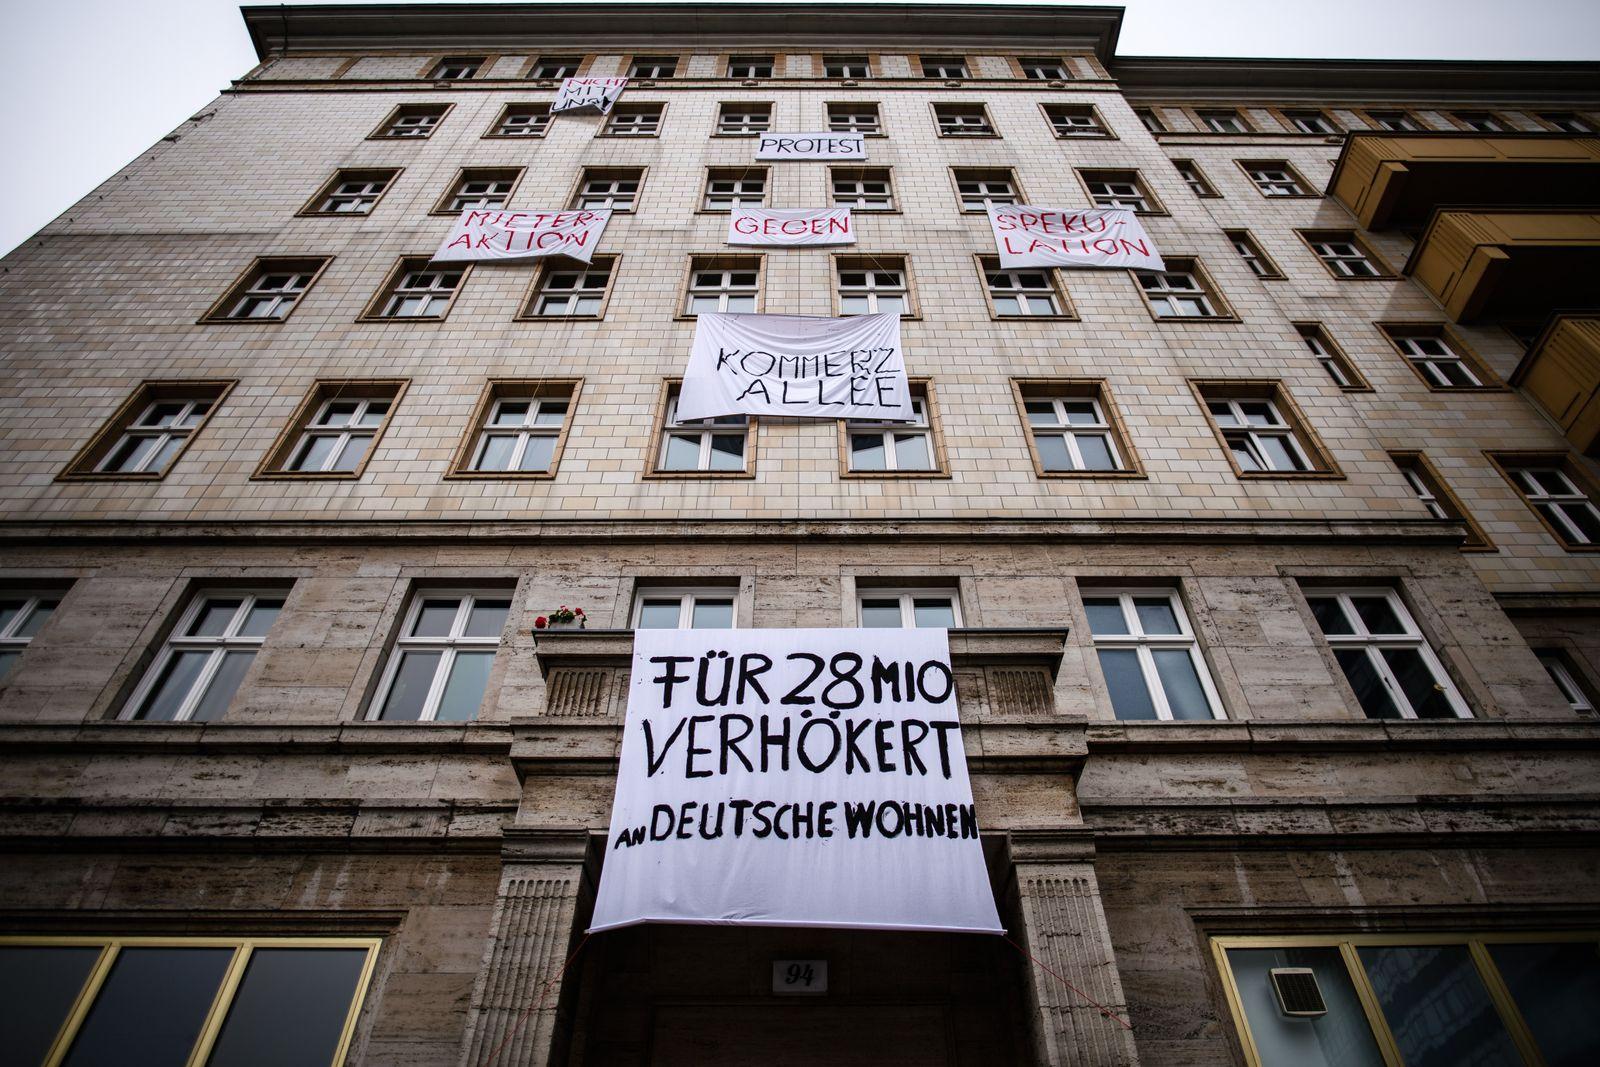 Berlin/ Deutsche Wohnen